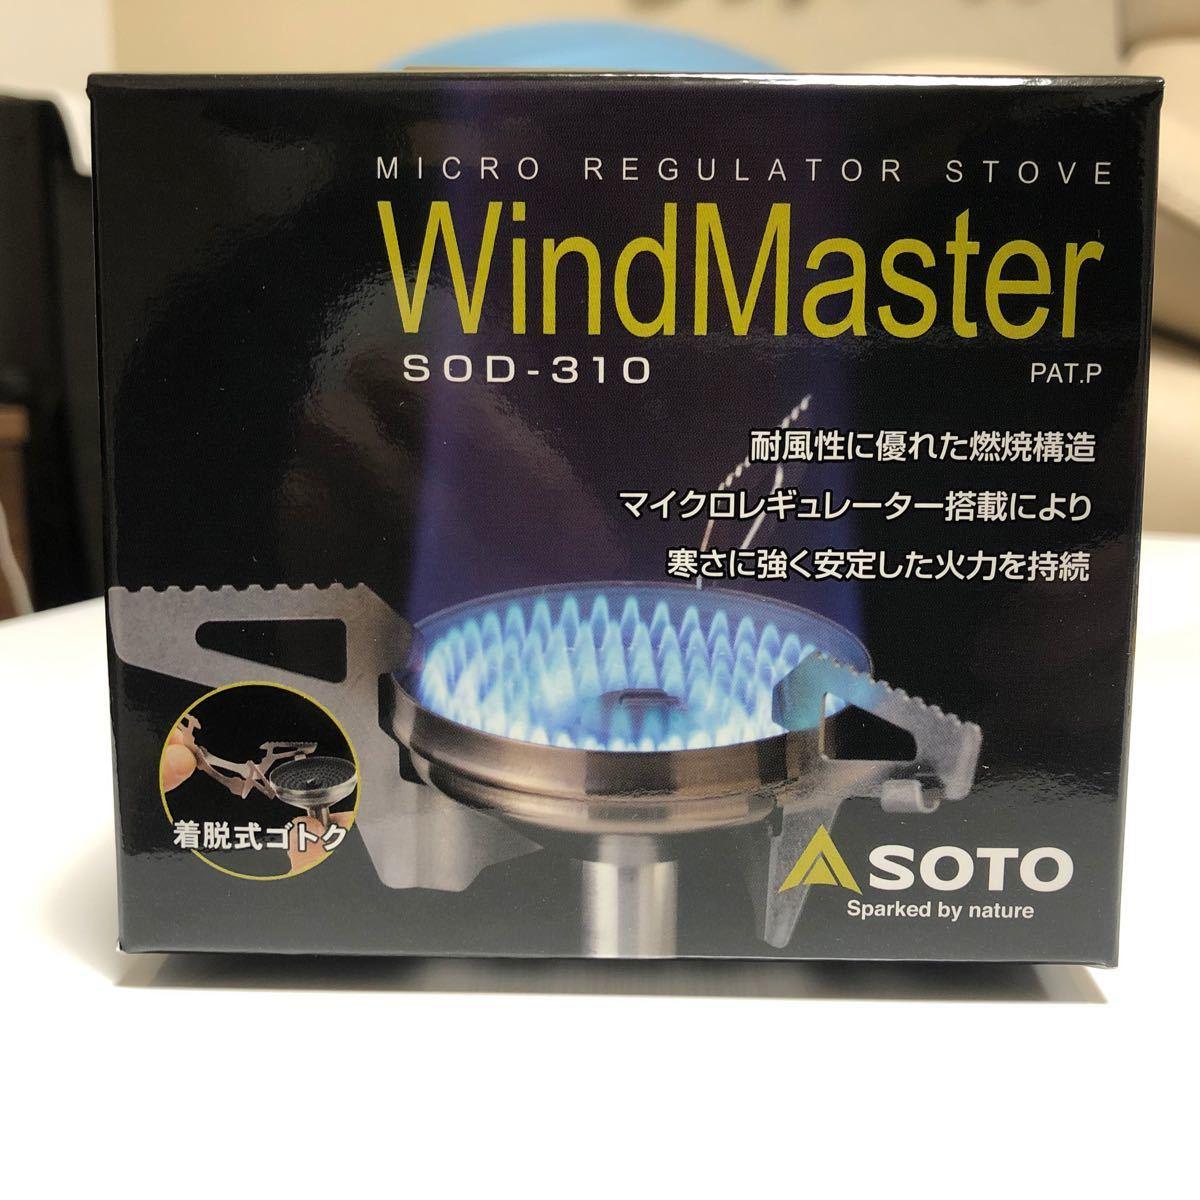 SOTO (新富士バーナー) マイクロレギュレーターストーブ ウインドマスター